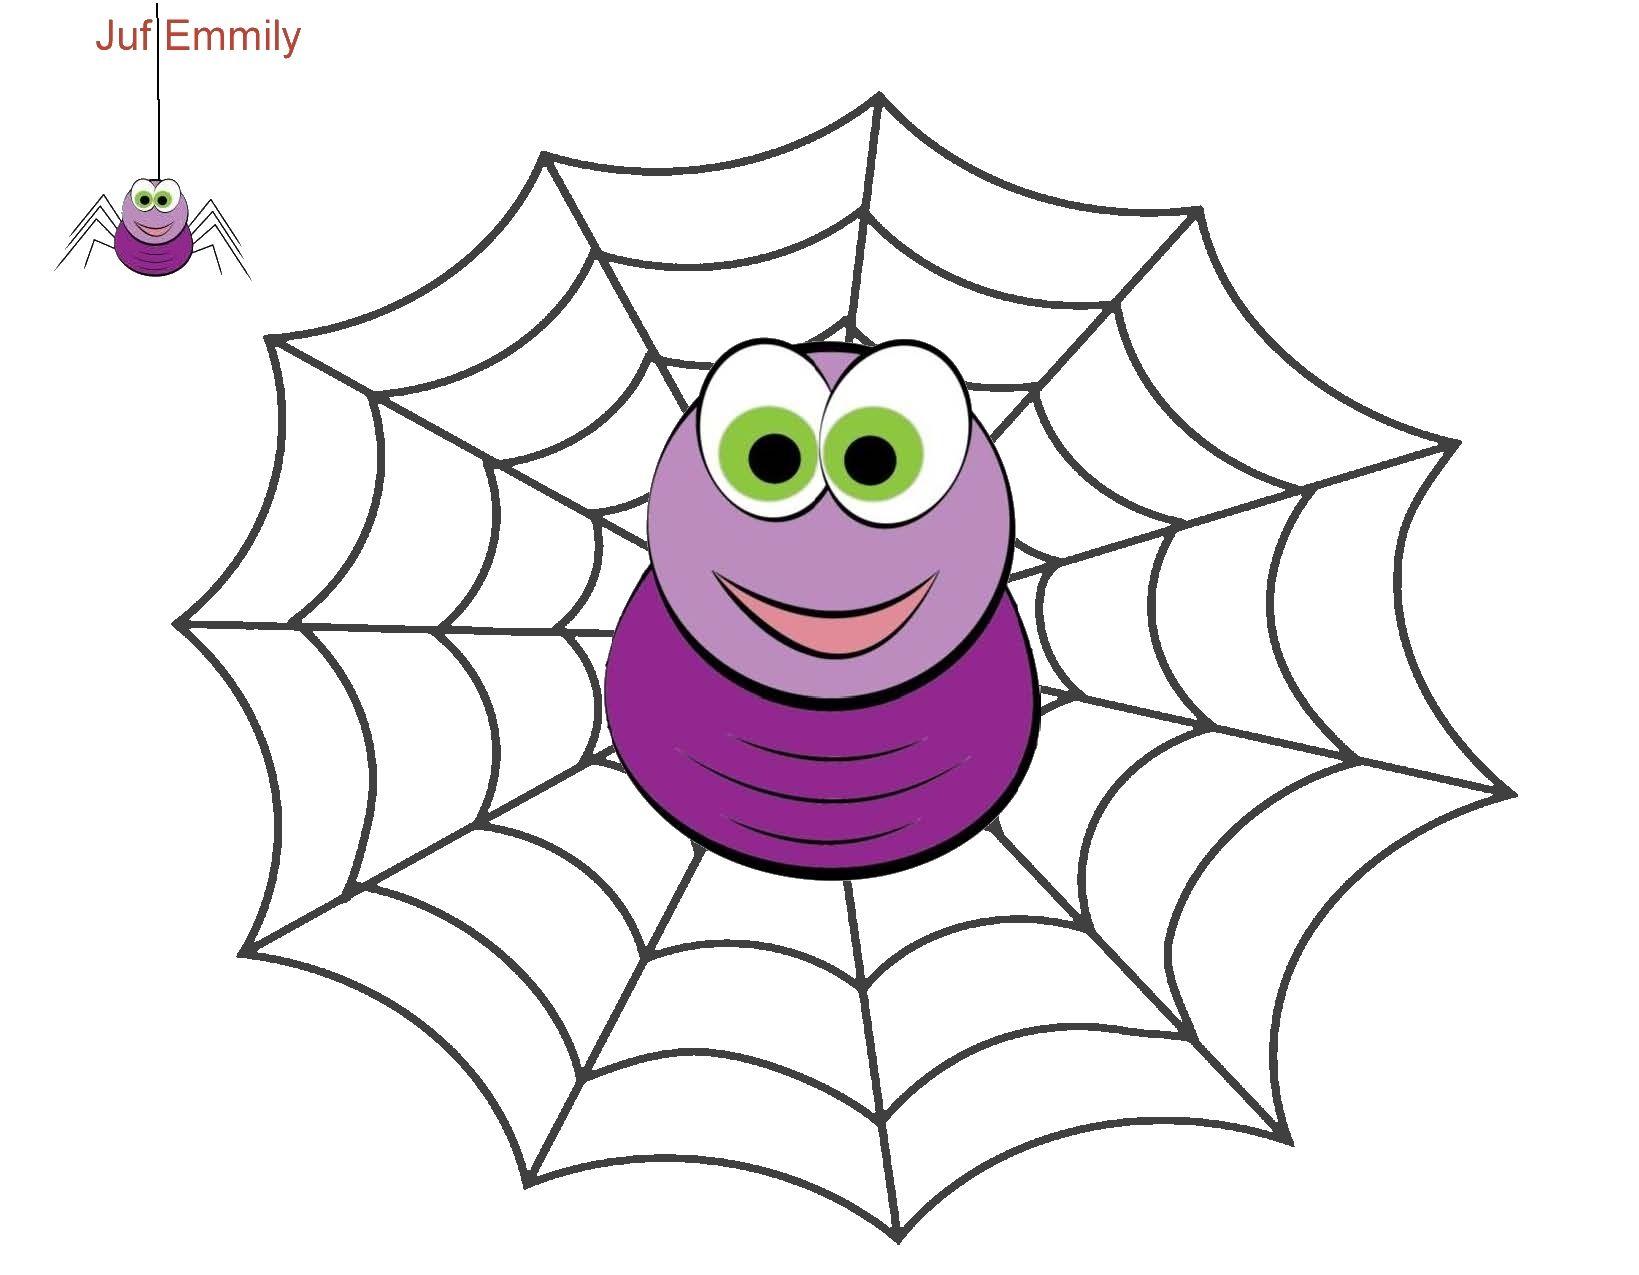 plasticinekaart kleikaart thema spinnen juf emmily